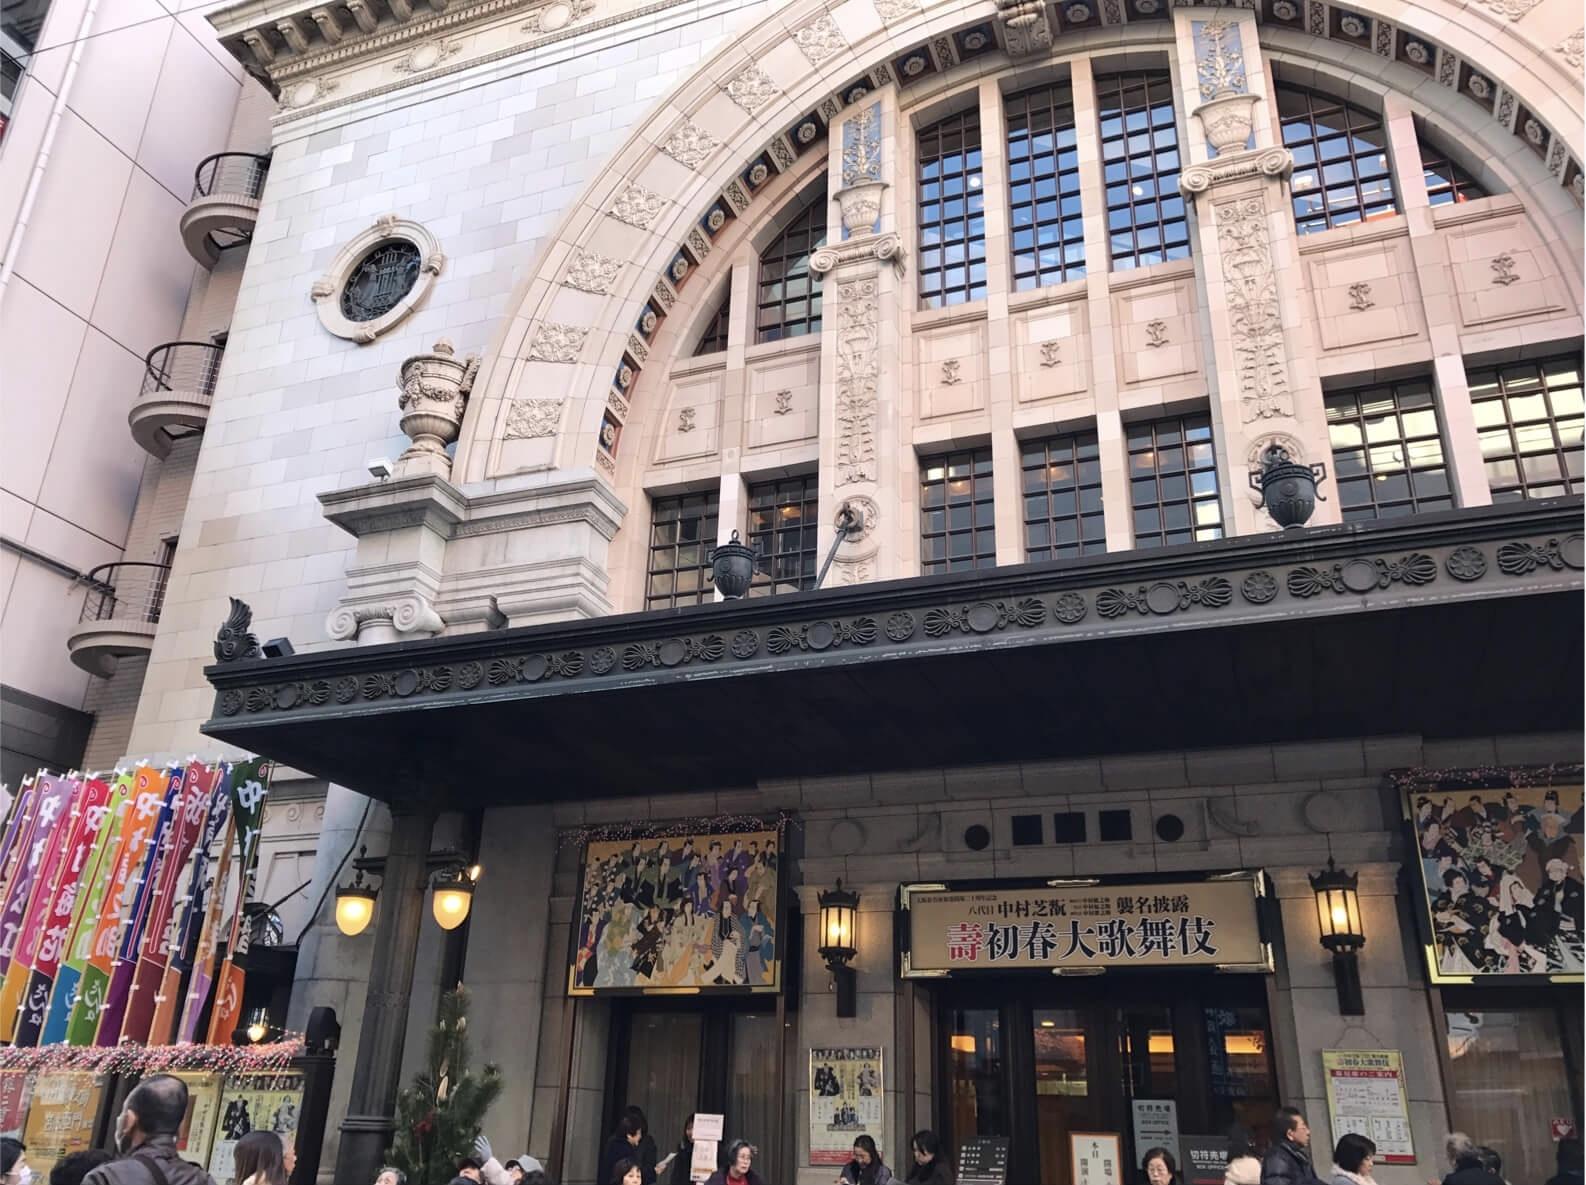 寒い日の歌舞伎観劇は、あったかダウンとニットワンピースで。_1_4